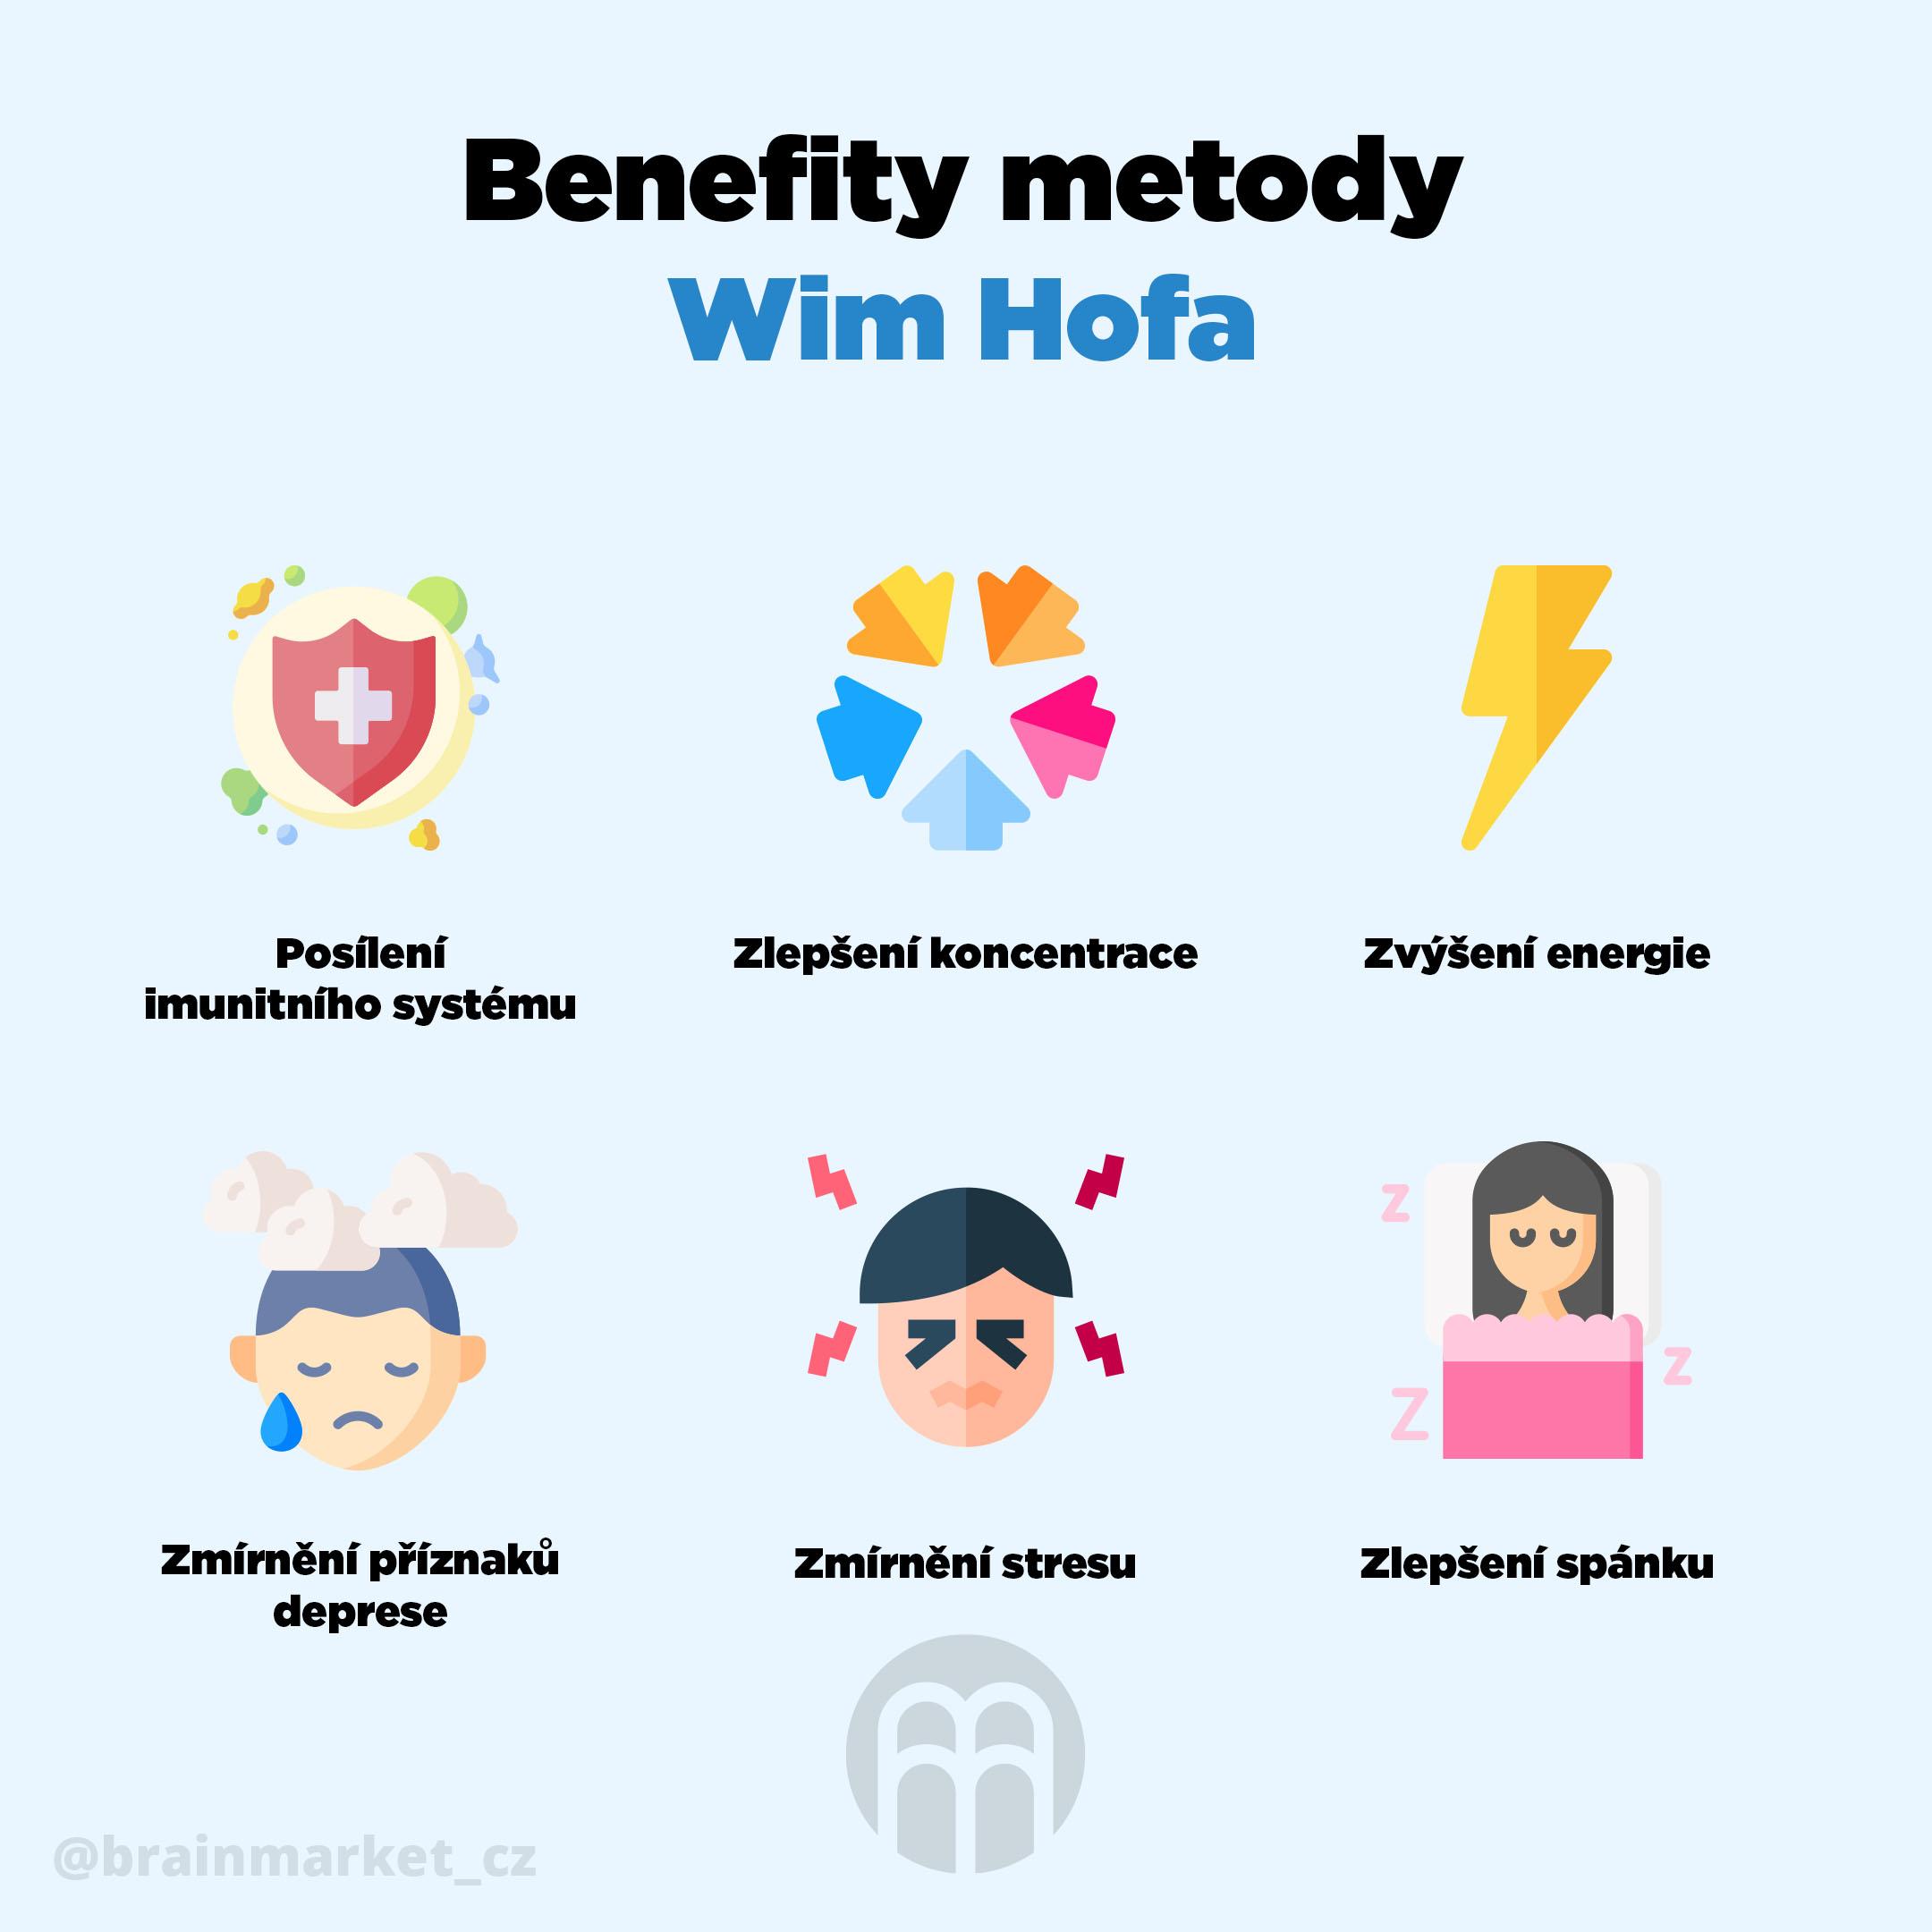 benefity_metody_wim_hofa_infografika_brainmarket_CZ